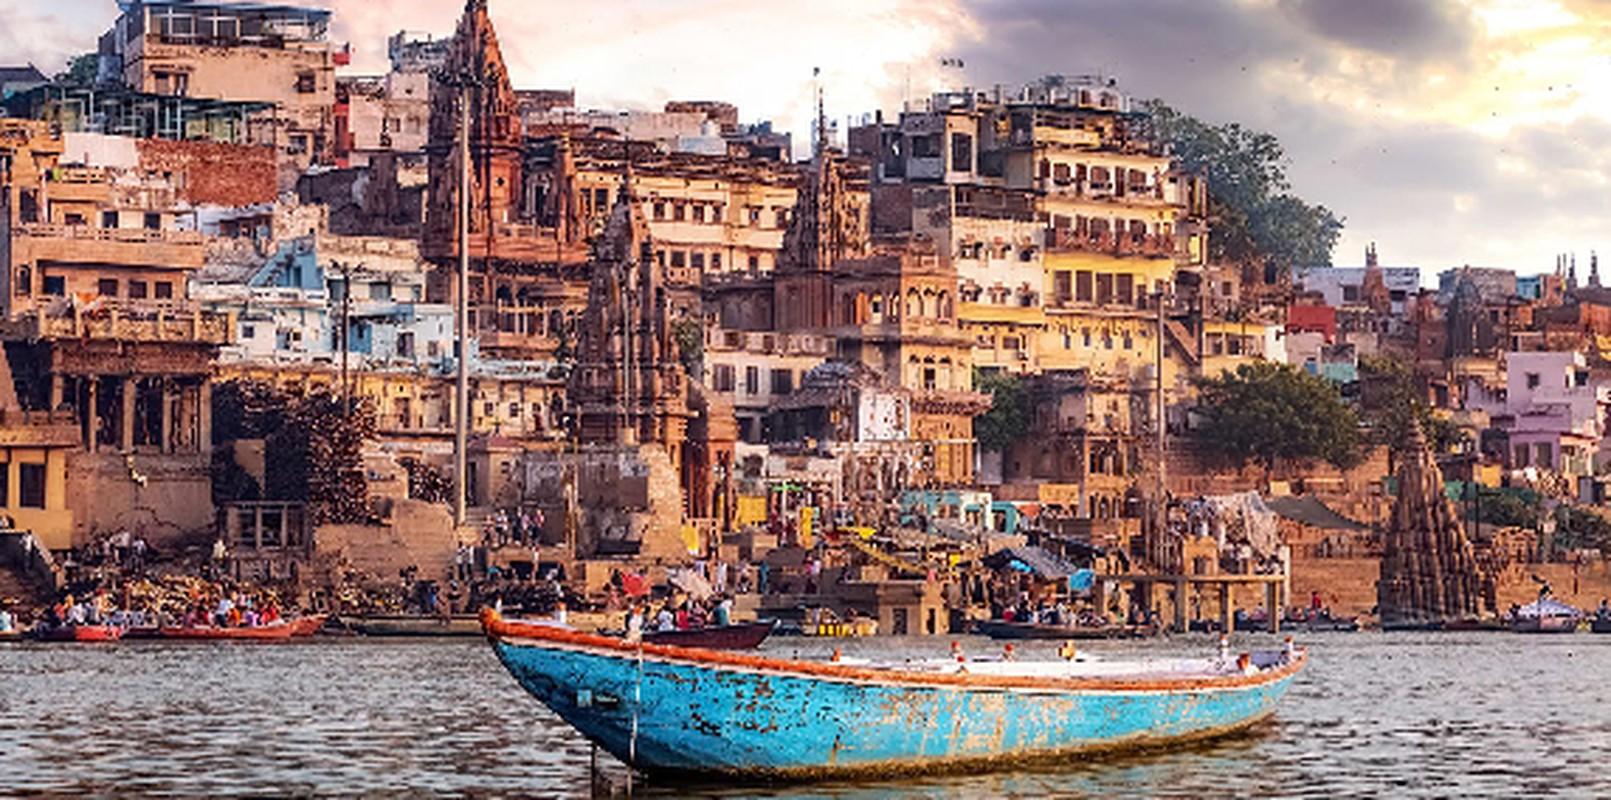 Bi mat bat ngo ve thanh pho linh thieng Varanasi cua An Do-Hinh-2